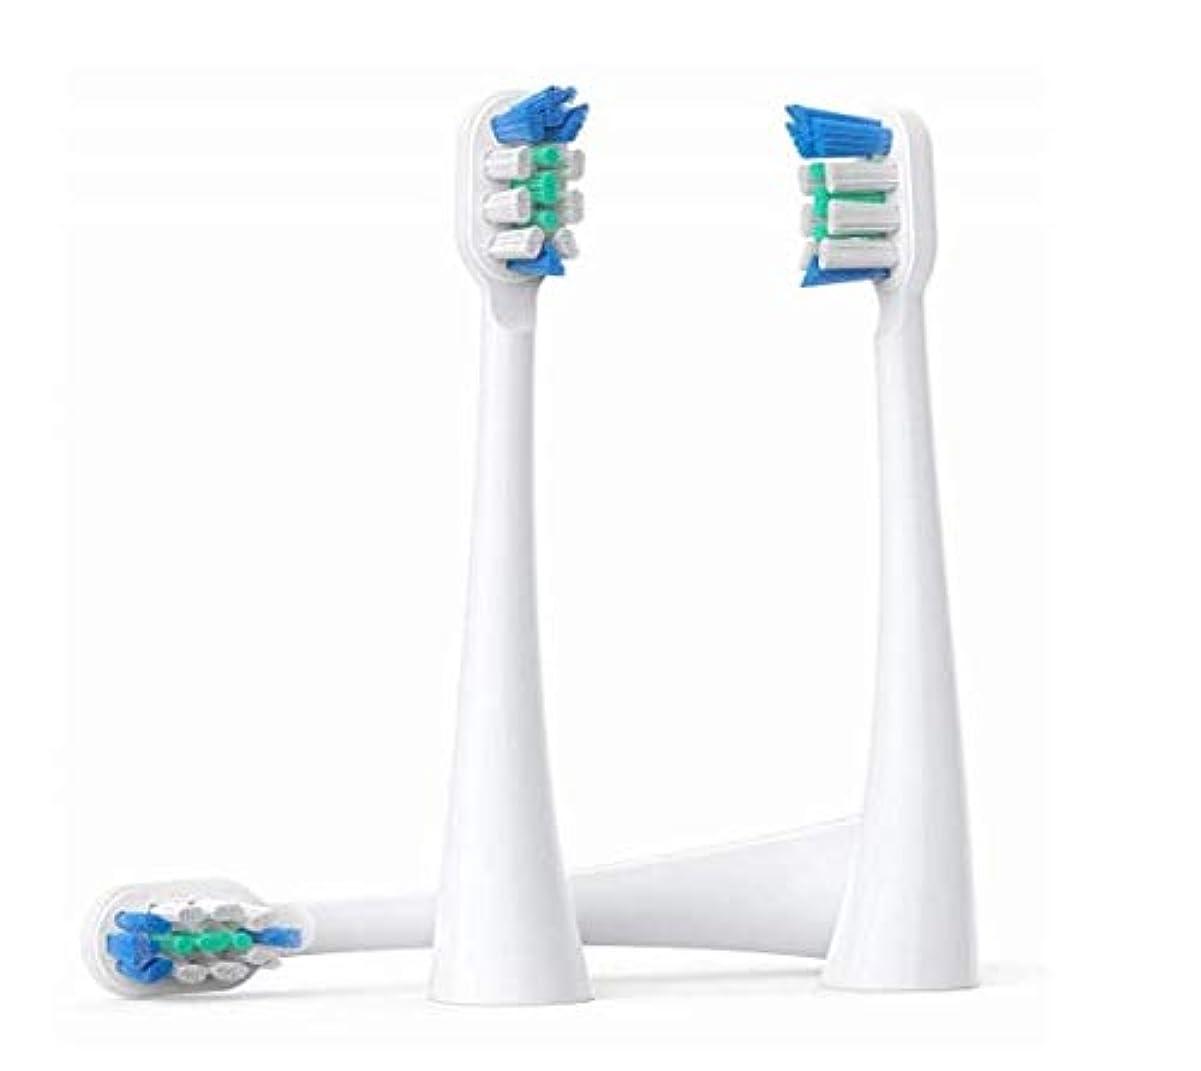 科学主せっかち交換用ブラシヘッド、パーソナルケア用の口腔歯ブラシをクリーニングするプレミアムクリーンブラシヘッド、3個